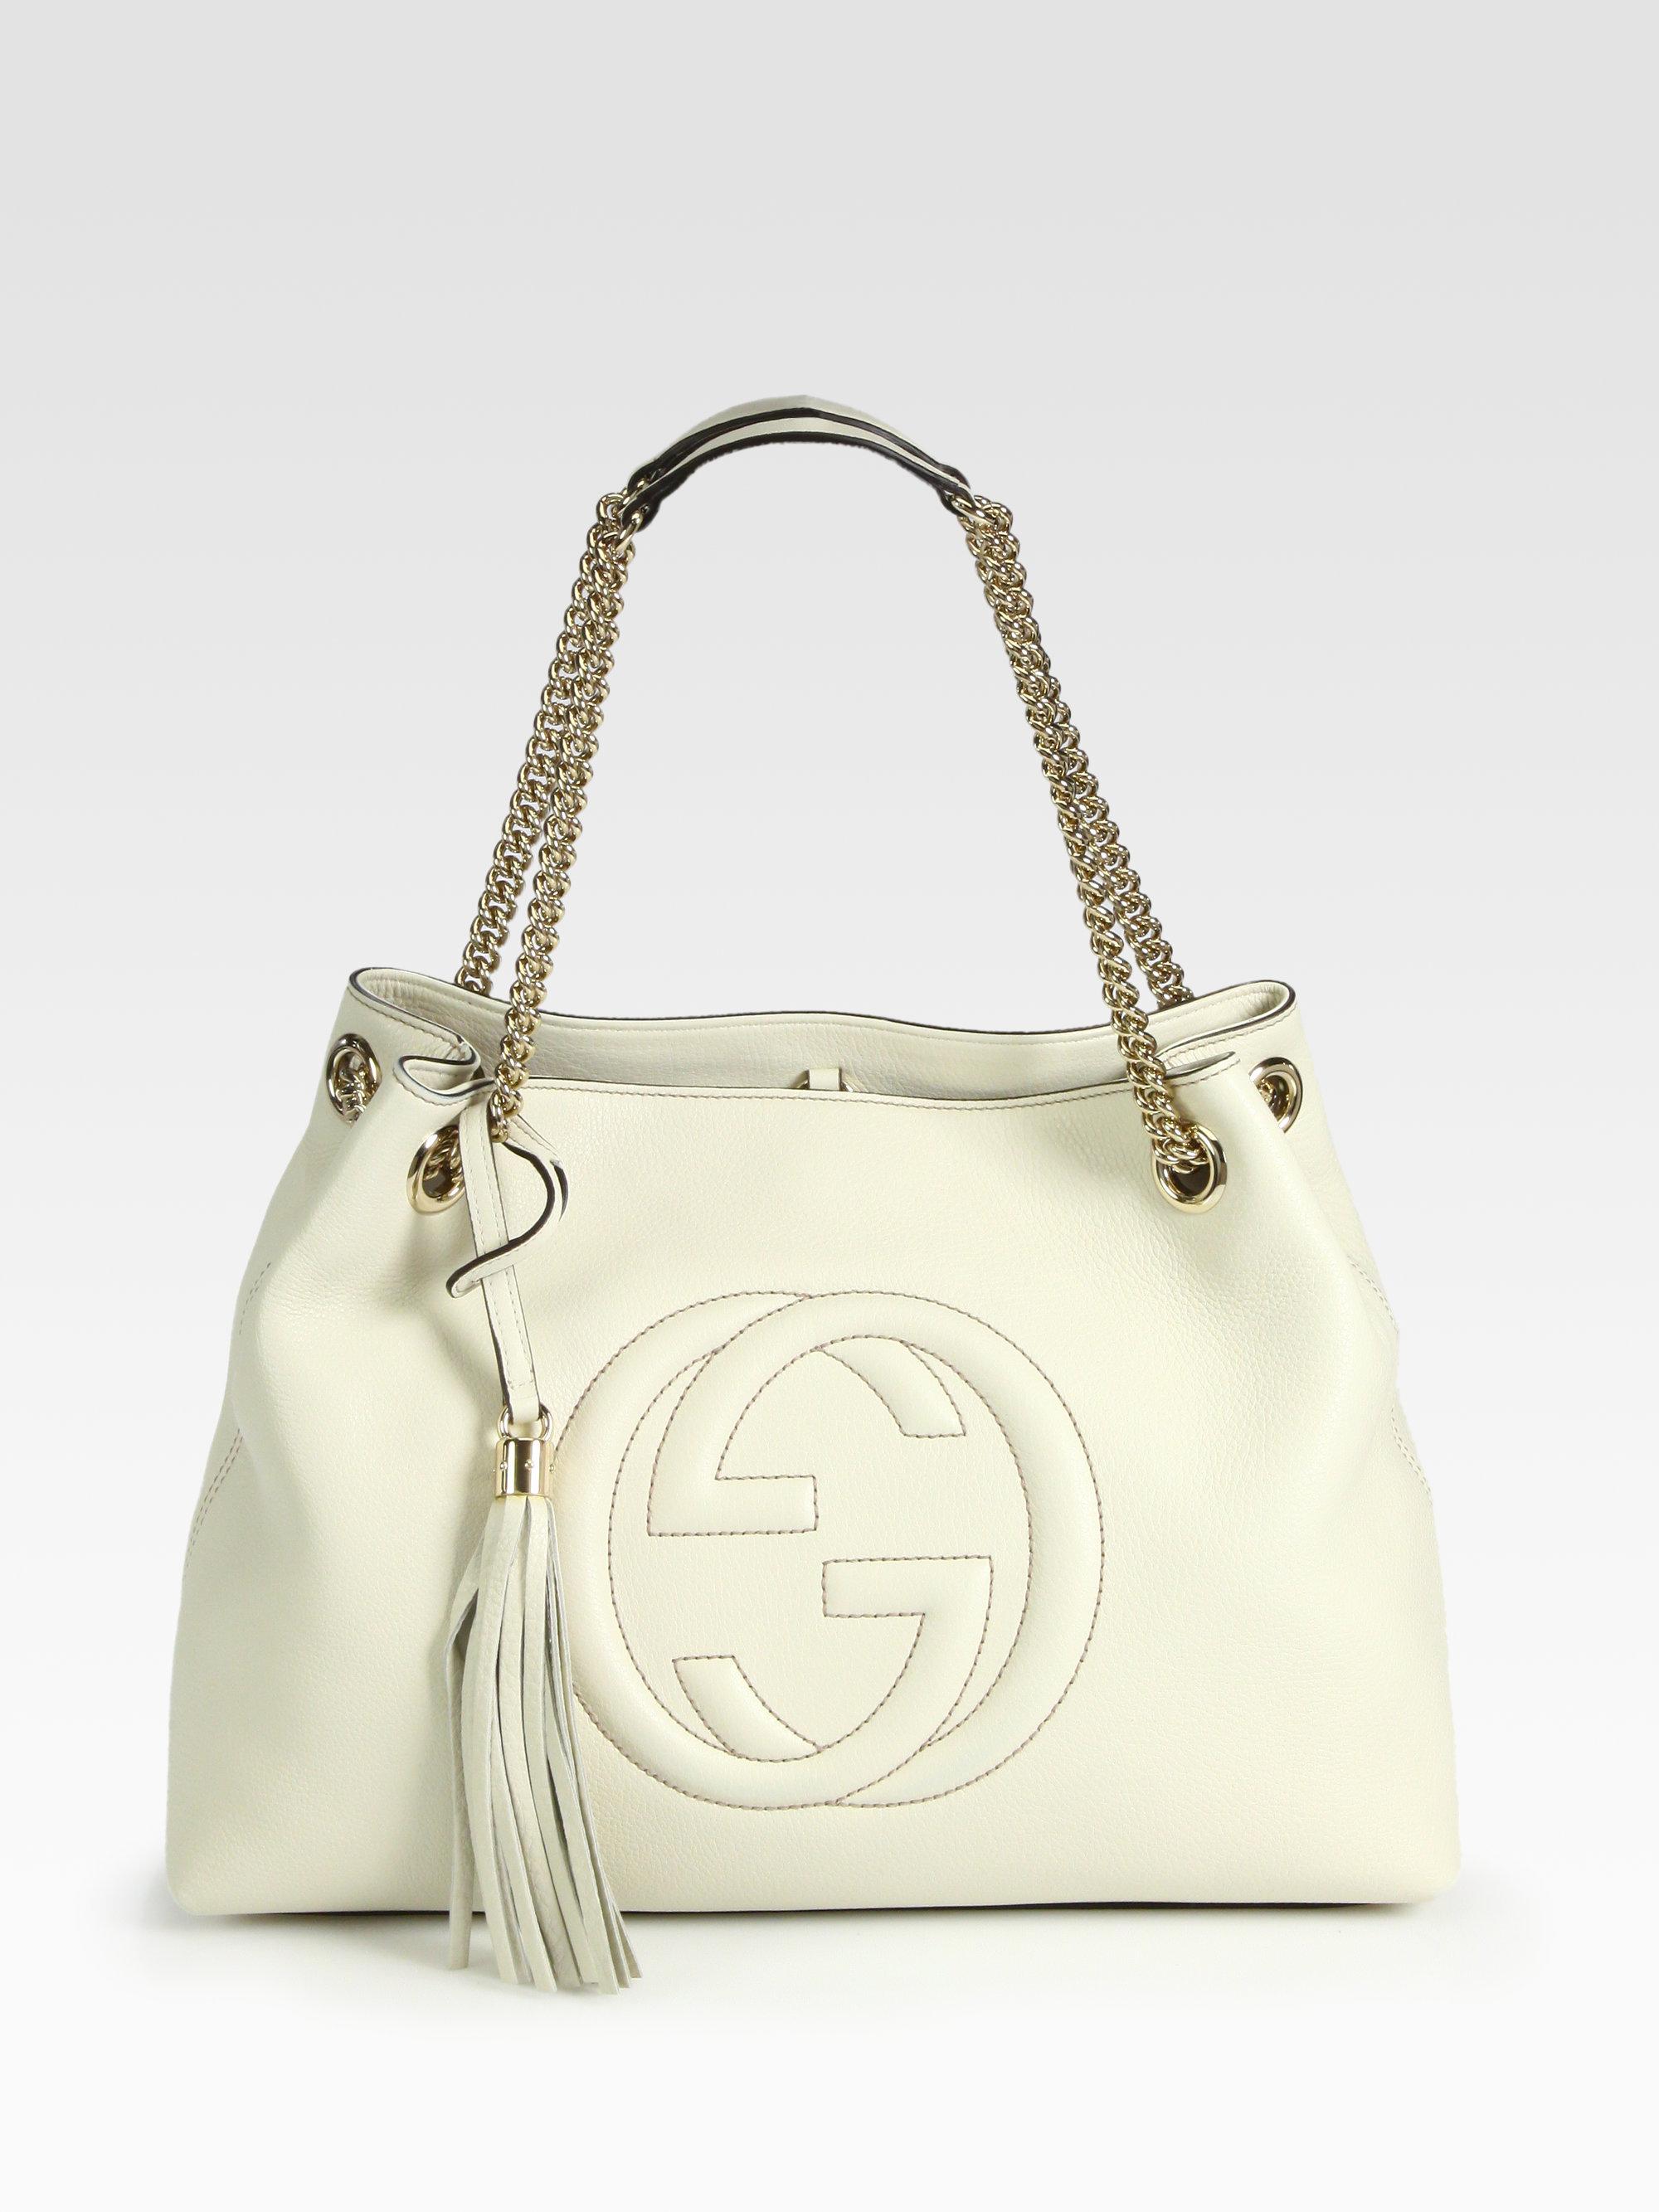 92a2025da6c7a Gucci Soho Leather Shoulder Bag in White - Lyst